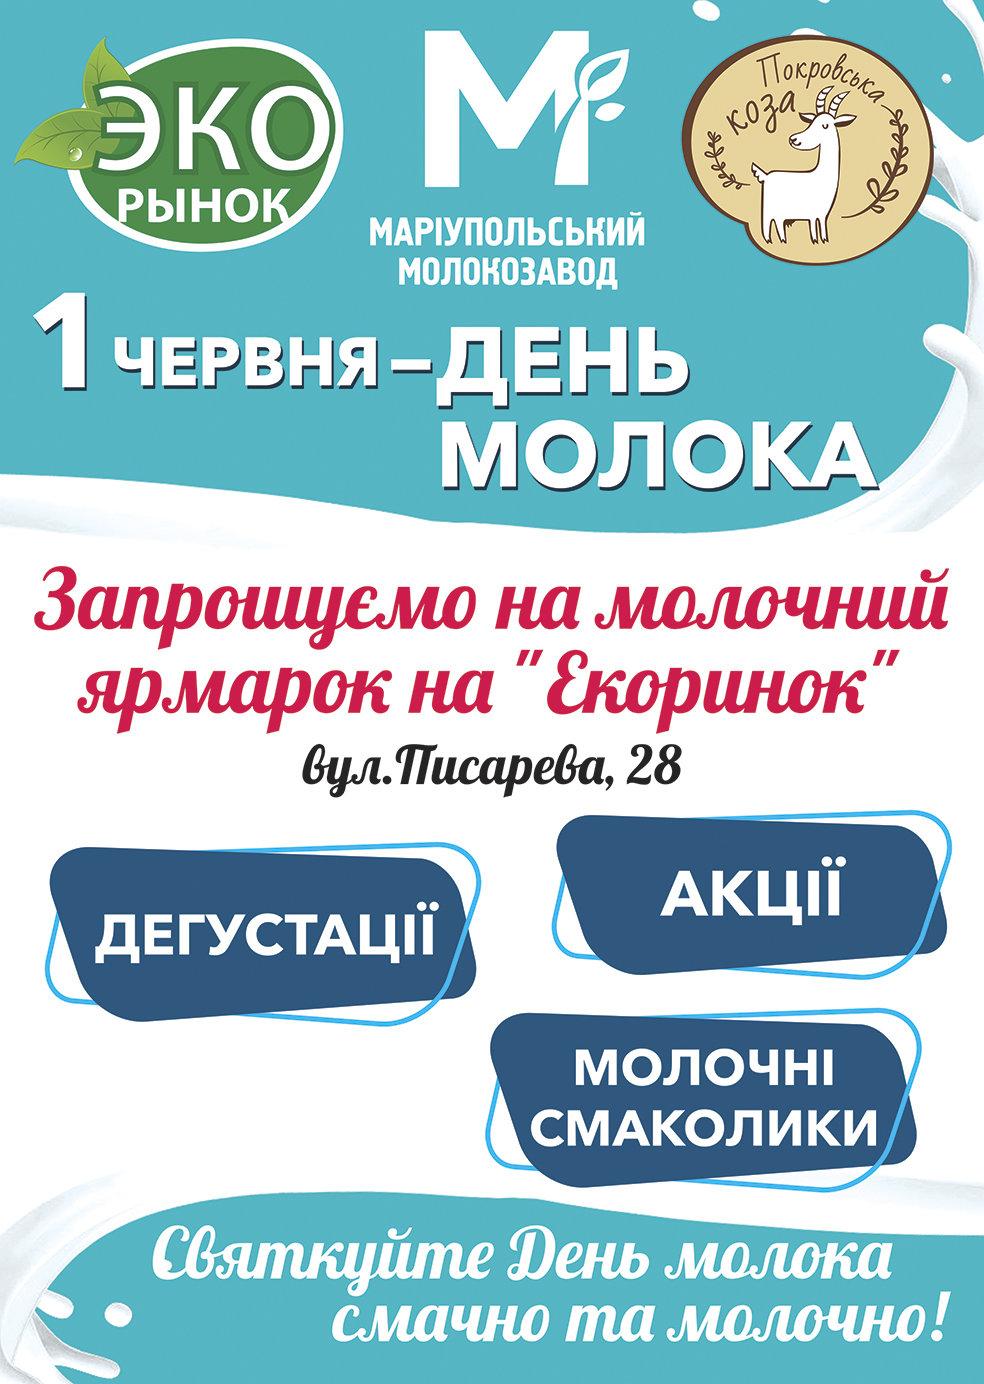 Суперціни та молочний ярмарок до Дня молока від  Маріупольського молокозаводу, фото-1